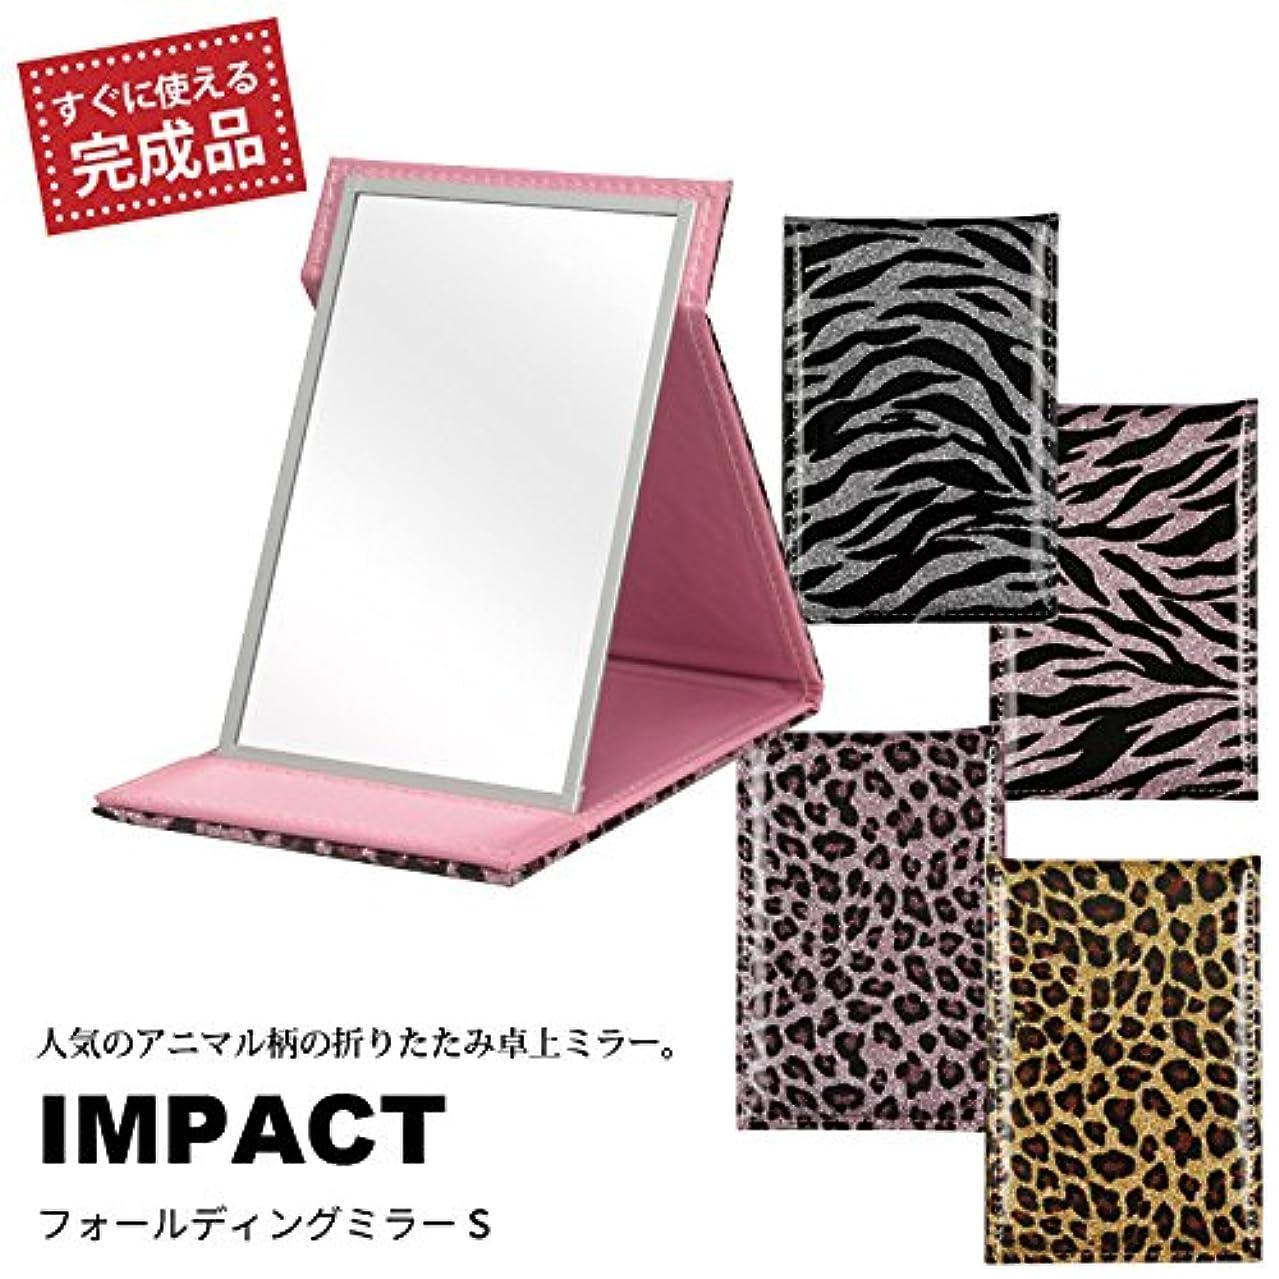 使い込むなめらか支配する手鏡 ミラー 折りたたみ 鏡 フォールディング カバー IMPACT インパクトS